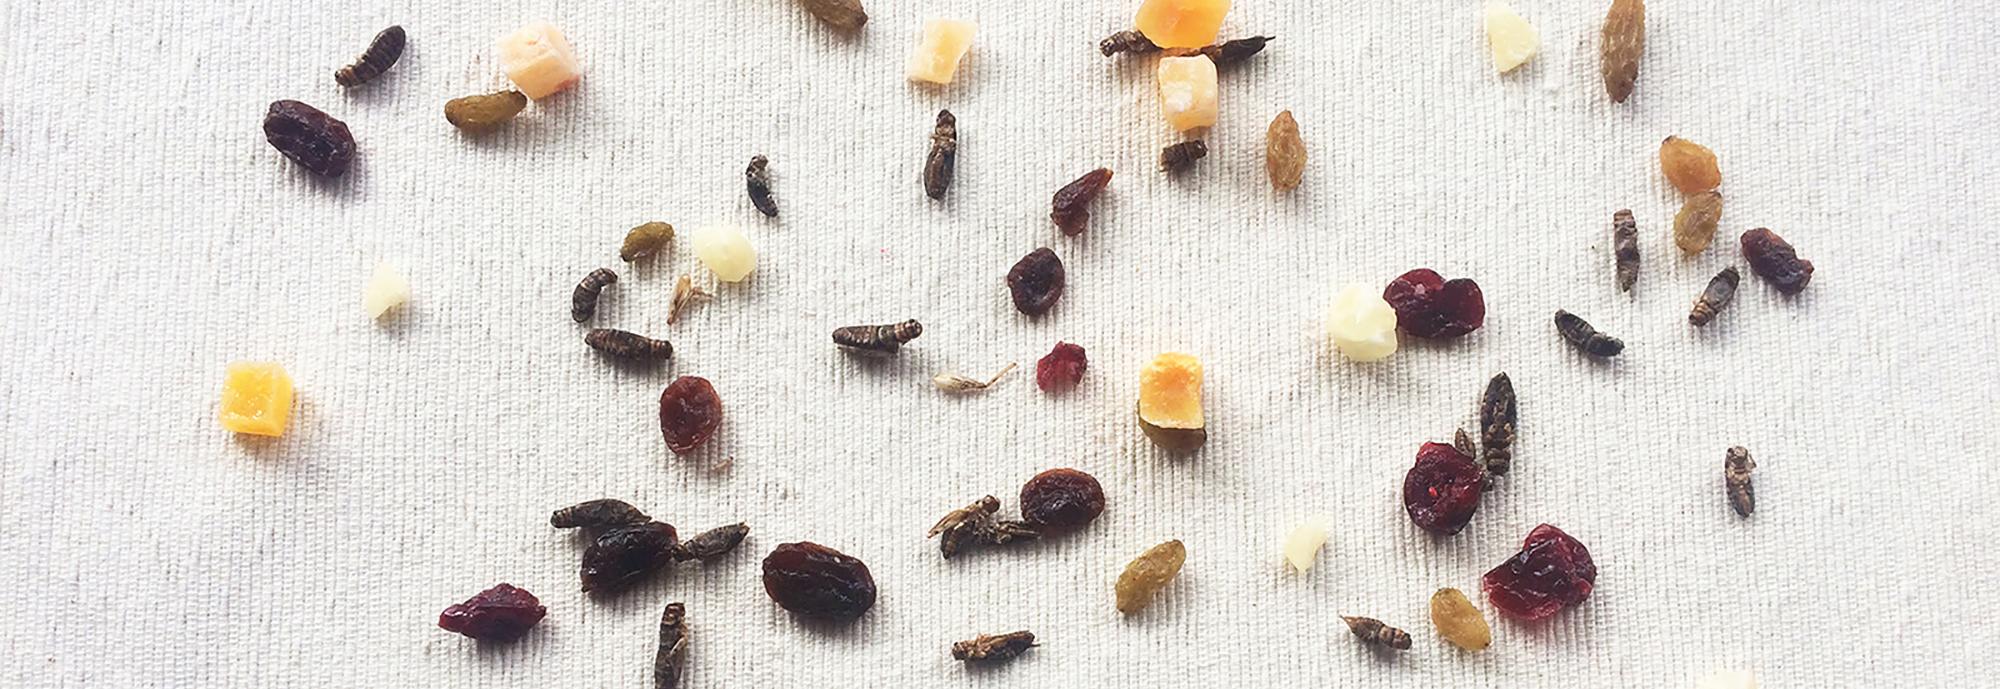 日本昆虫食協会  Japan Edible Insects Association